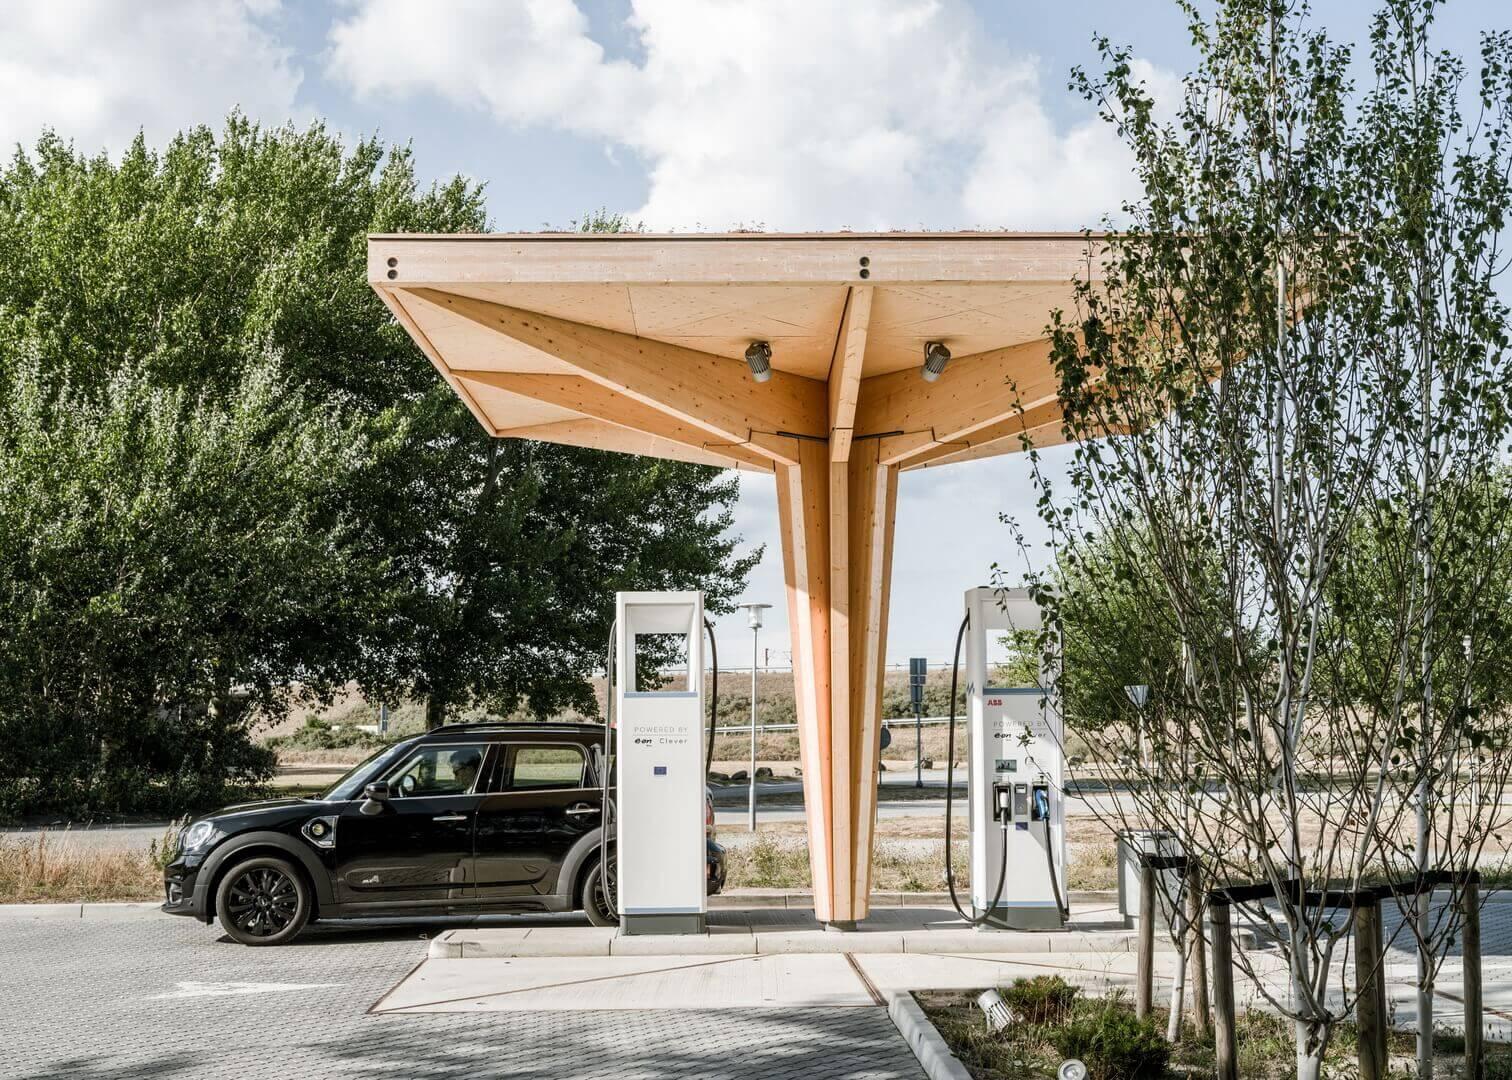 Зарядные станции Cobe напоминают формы заправочных станций из-за того, что они выполняют аналогичную функцию, однако студия хотела, чтобы архитектура отражала более экологичный характер электрического транспорта